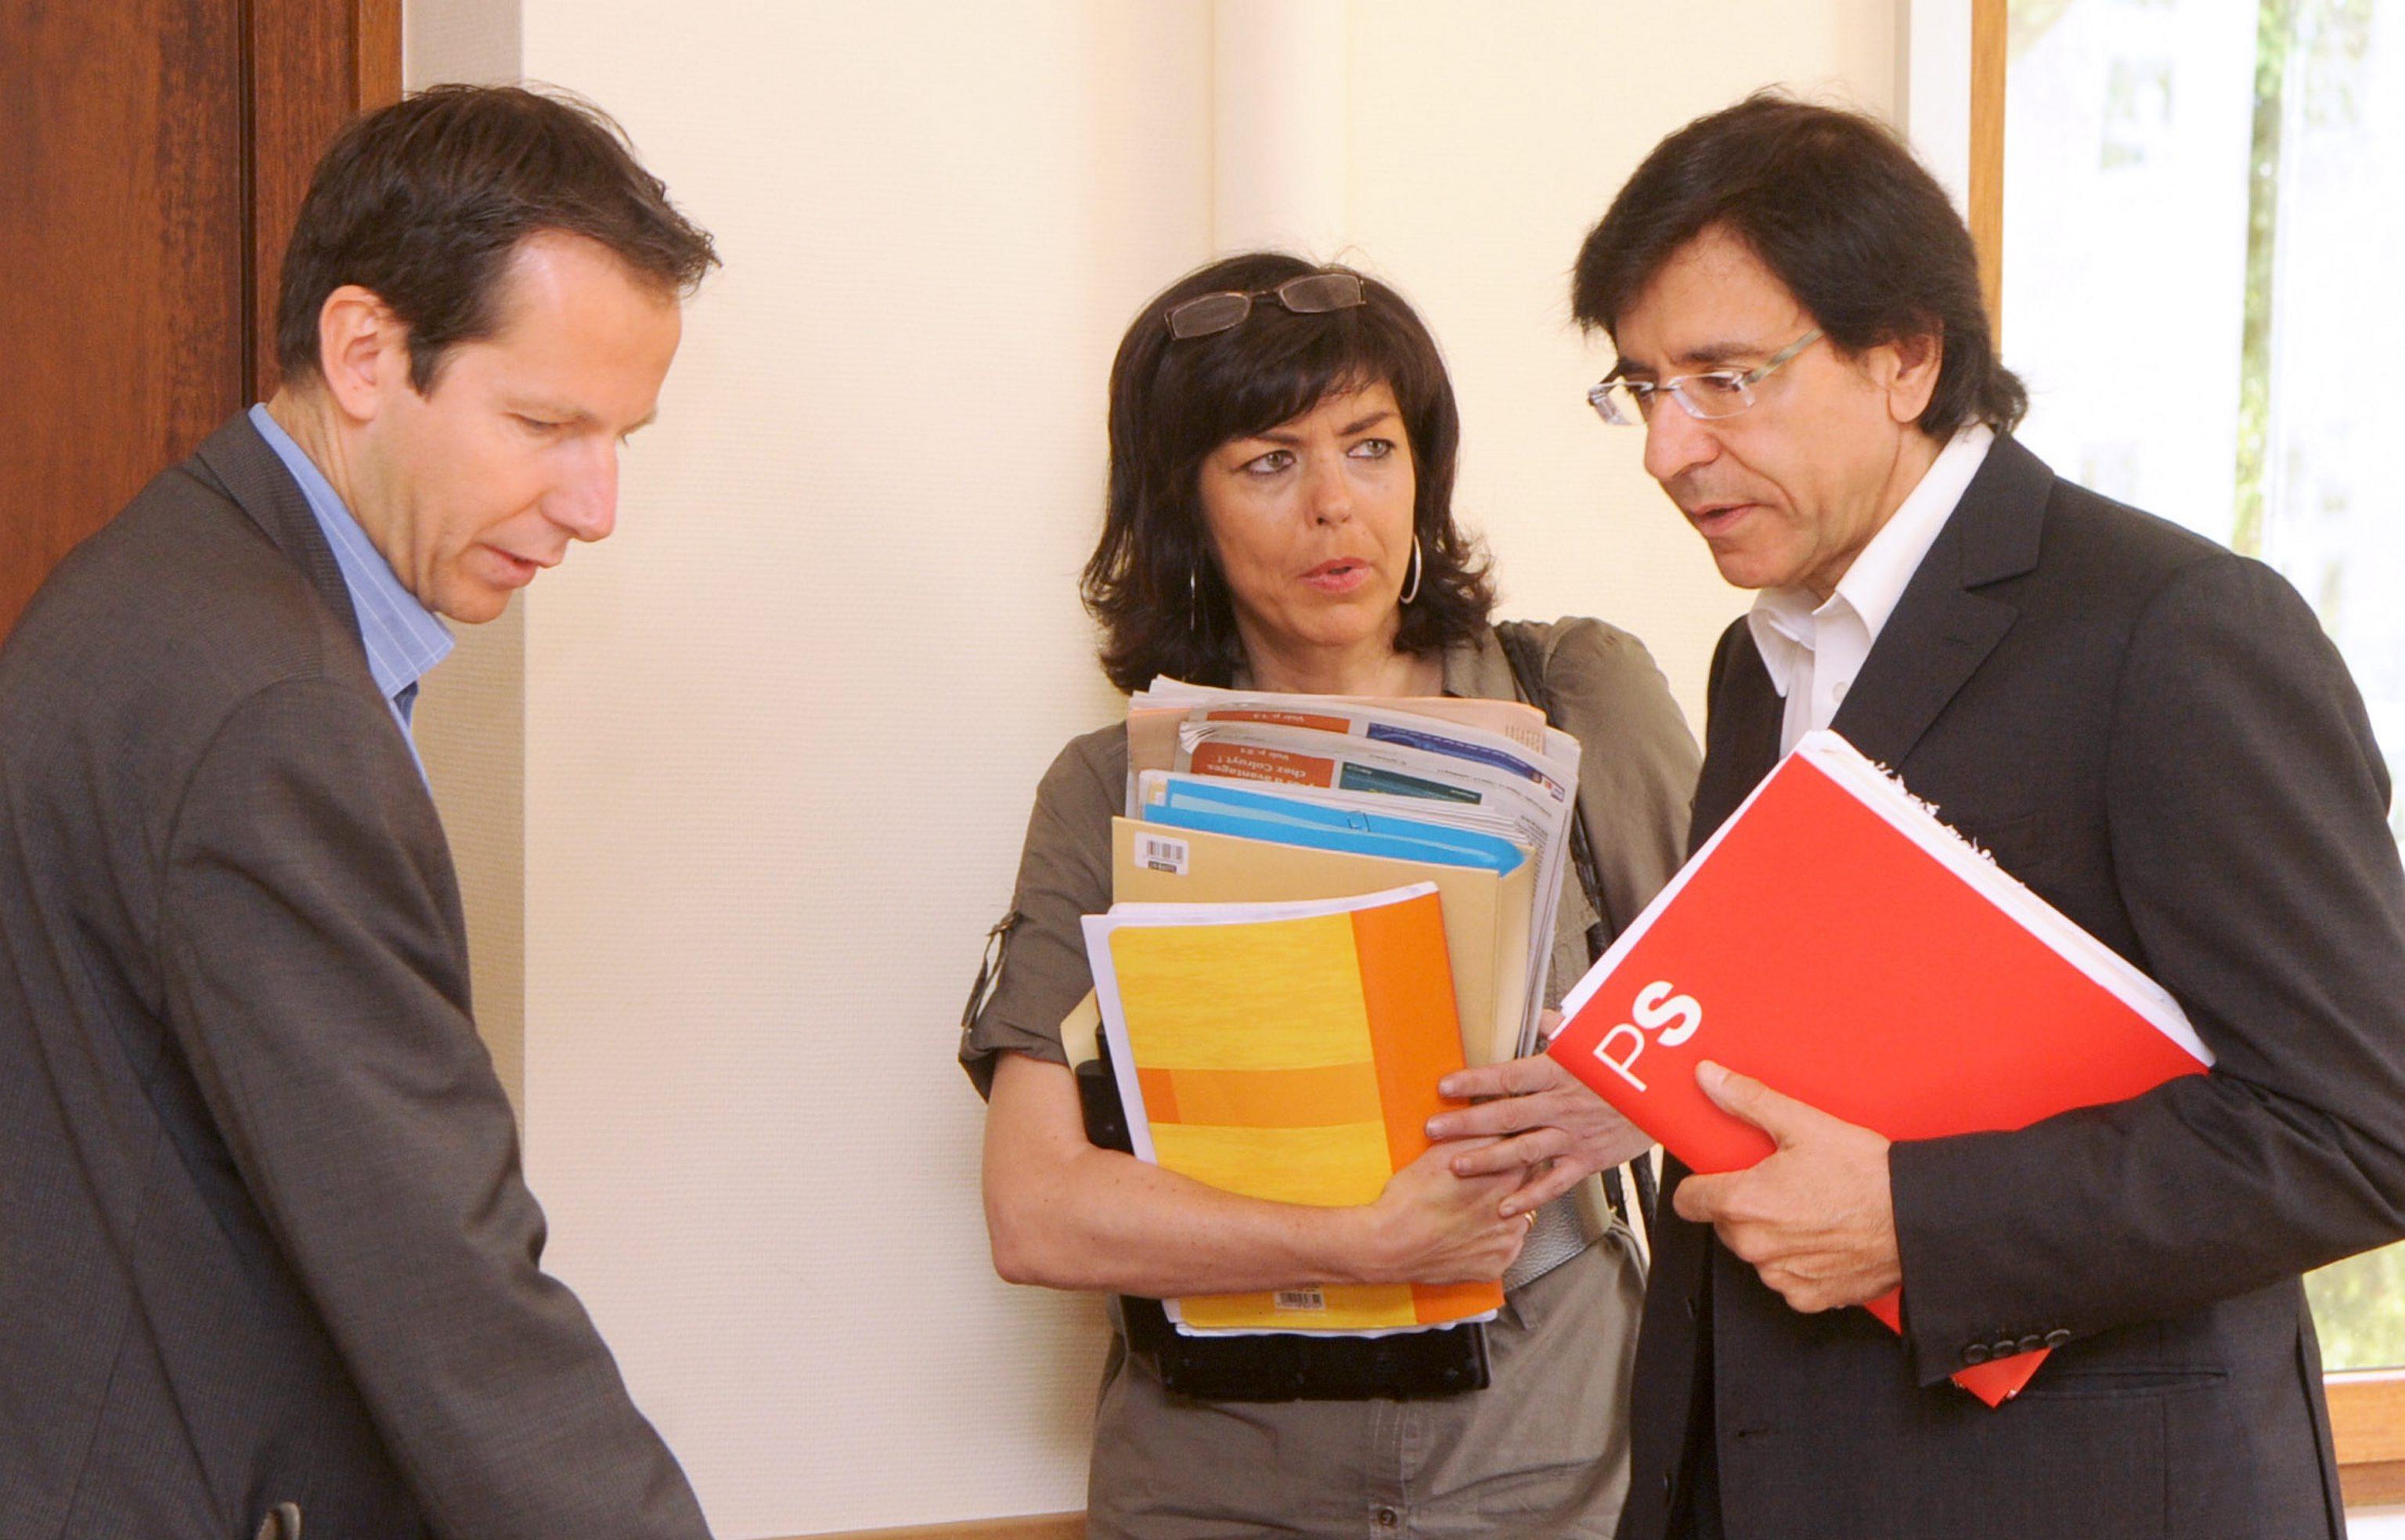 Le 11 juillet 2009, Elio Di Rupo pour le PS, Jean-Michel Javaux pour Ecolo et Joëlle Milquet pour le cdH, annoncent un accord pour la constitution de l'Olivier en Wallonie.